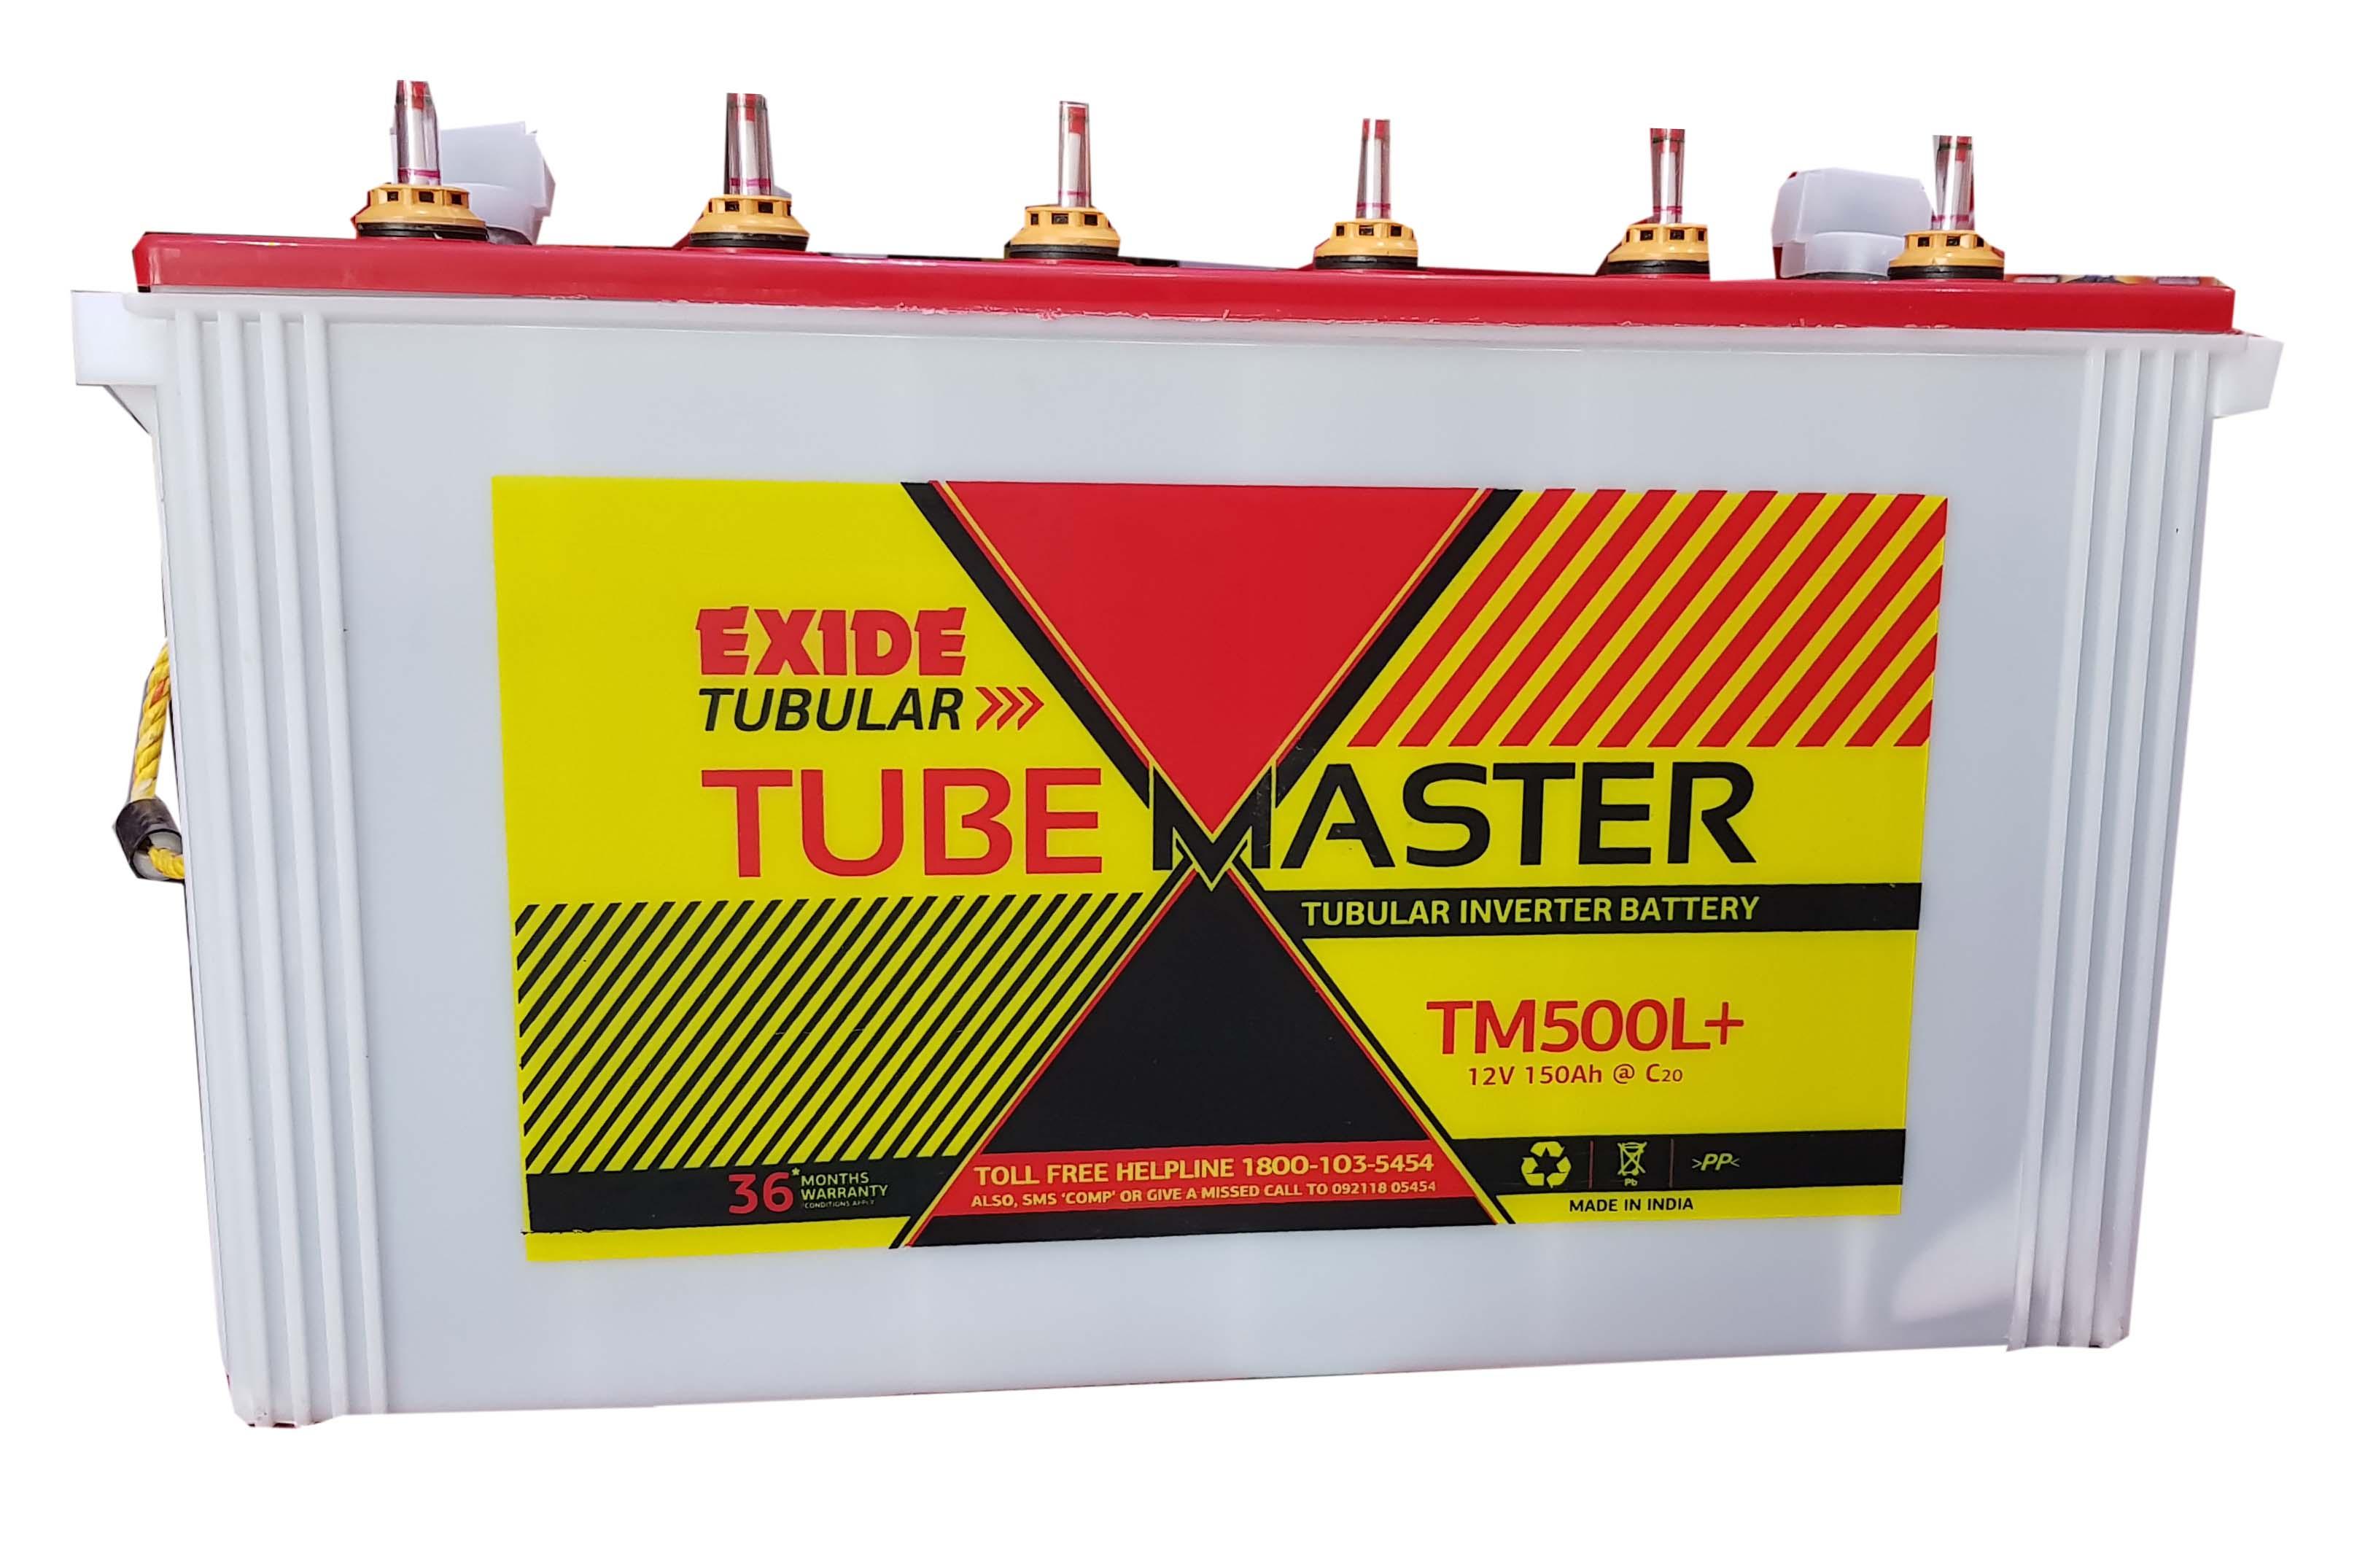 Exide 150 ah Tubular Tubemaster inverter battery